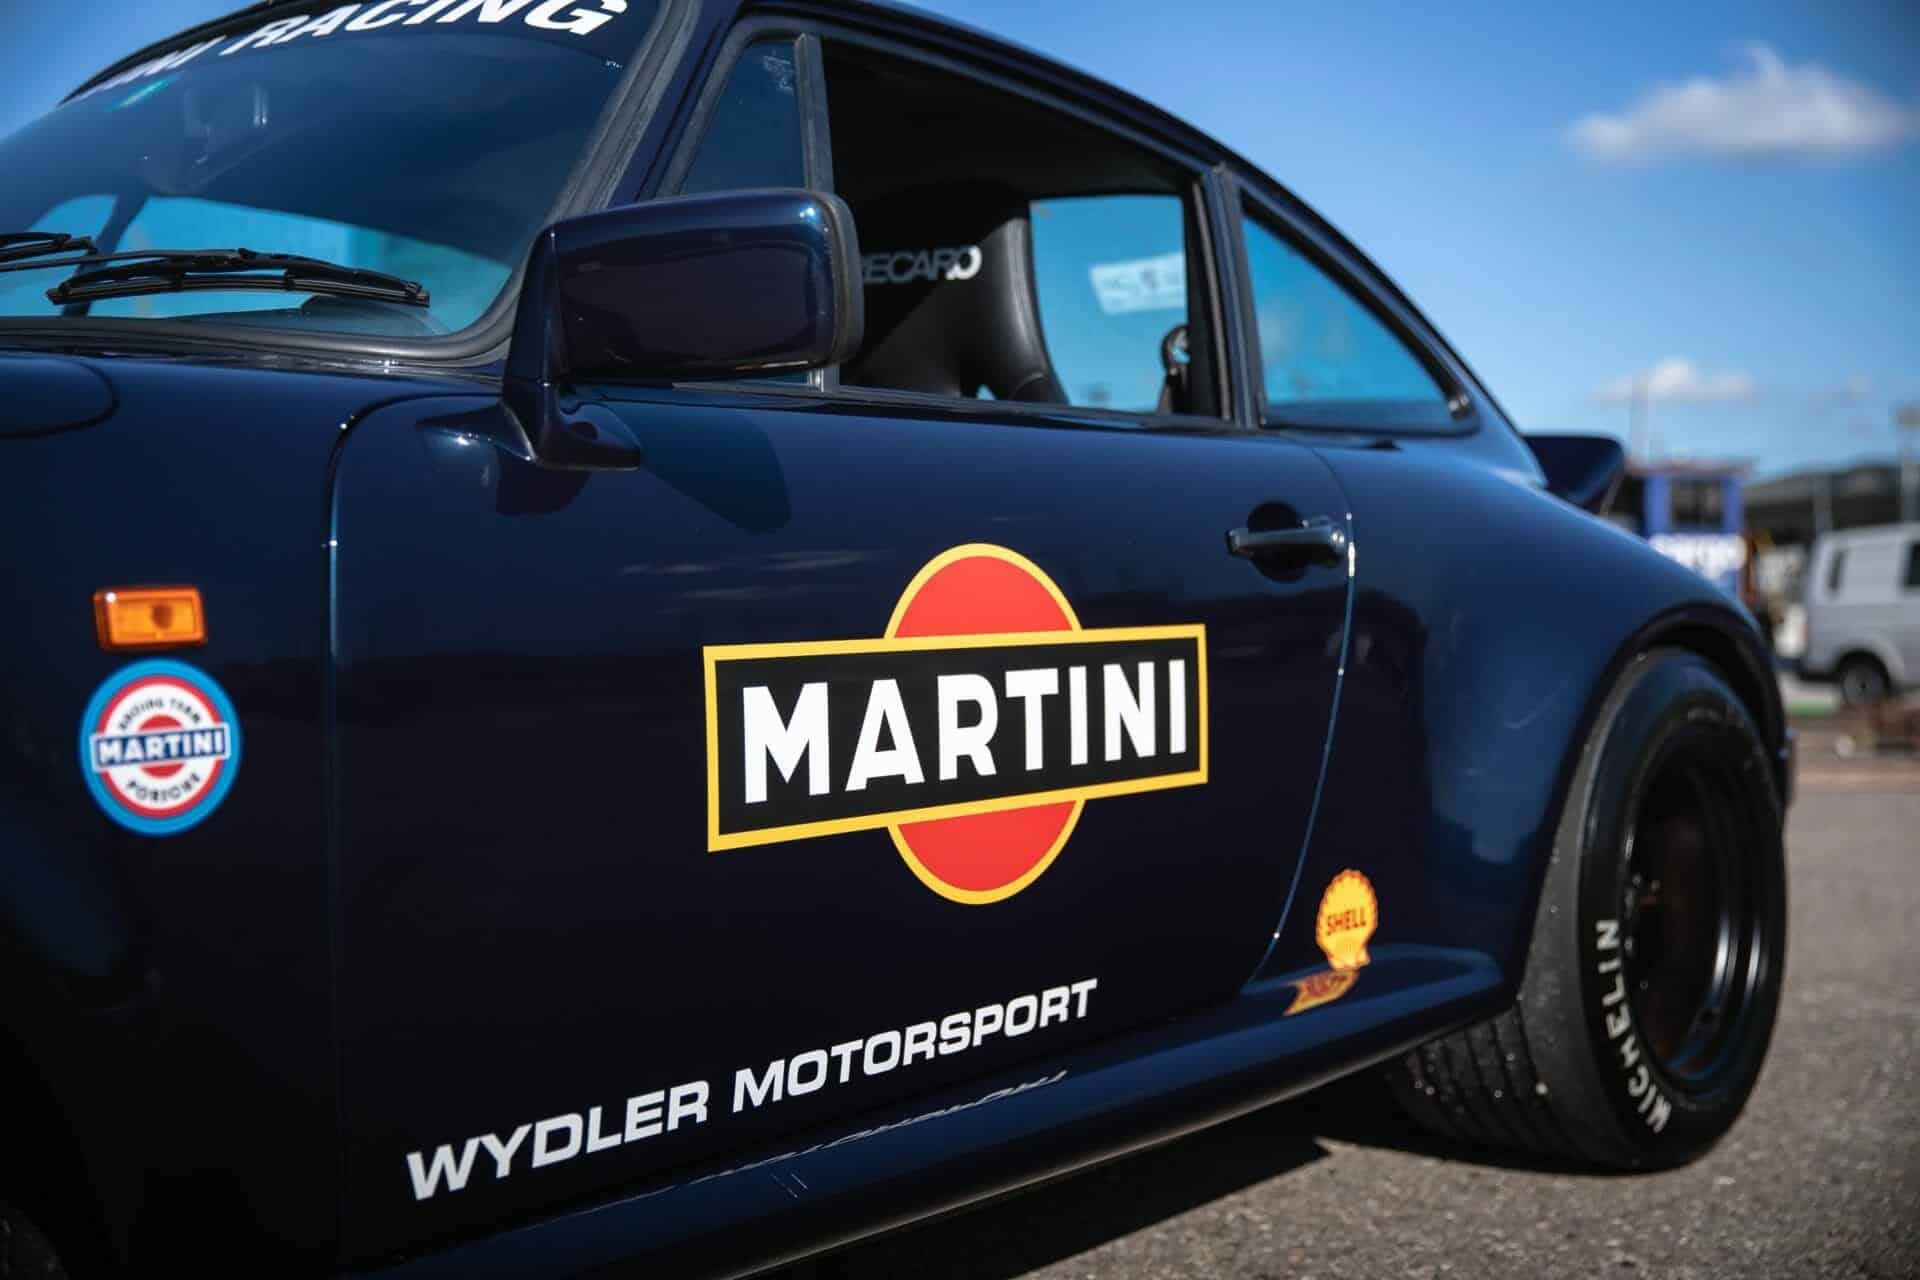 Porsche 911 Martini81 - Picture 7